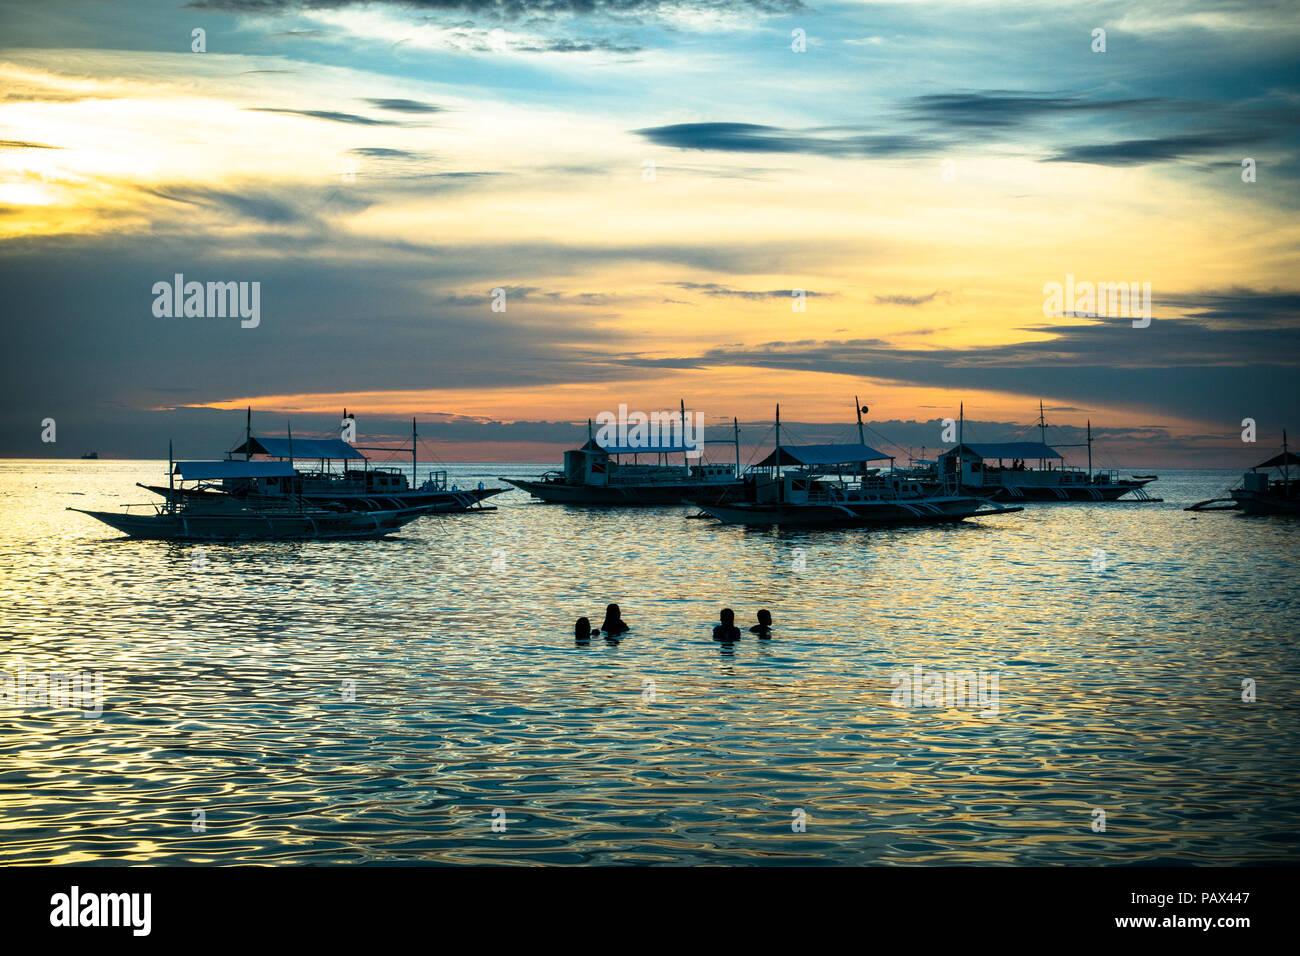 Silhouette von vier Touristen Schwimmen und Spielen im Meer in der Nähe von Fischerboote bei Sonnenuntergang - Malapascua - Philippinen, Cebu Stockbild